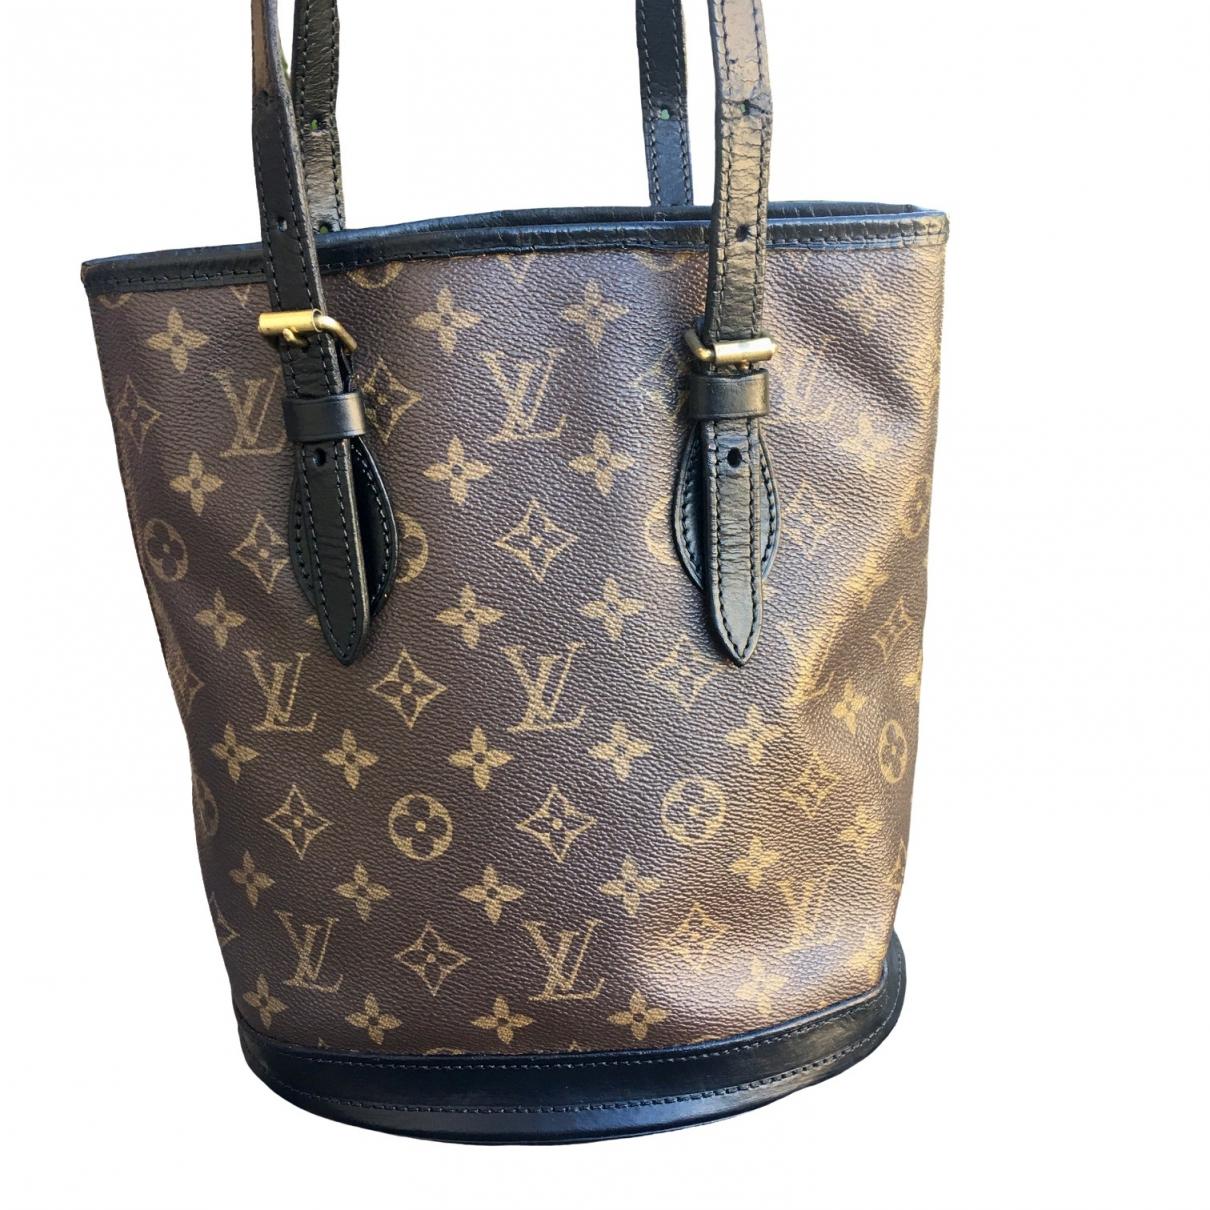 Bolso  Bucket  de Lona Louis Vuitton